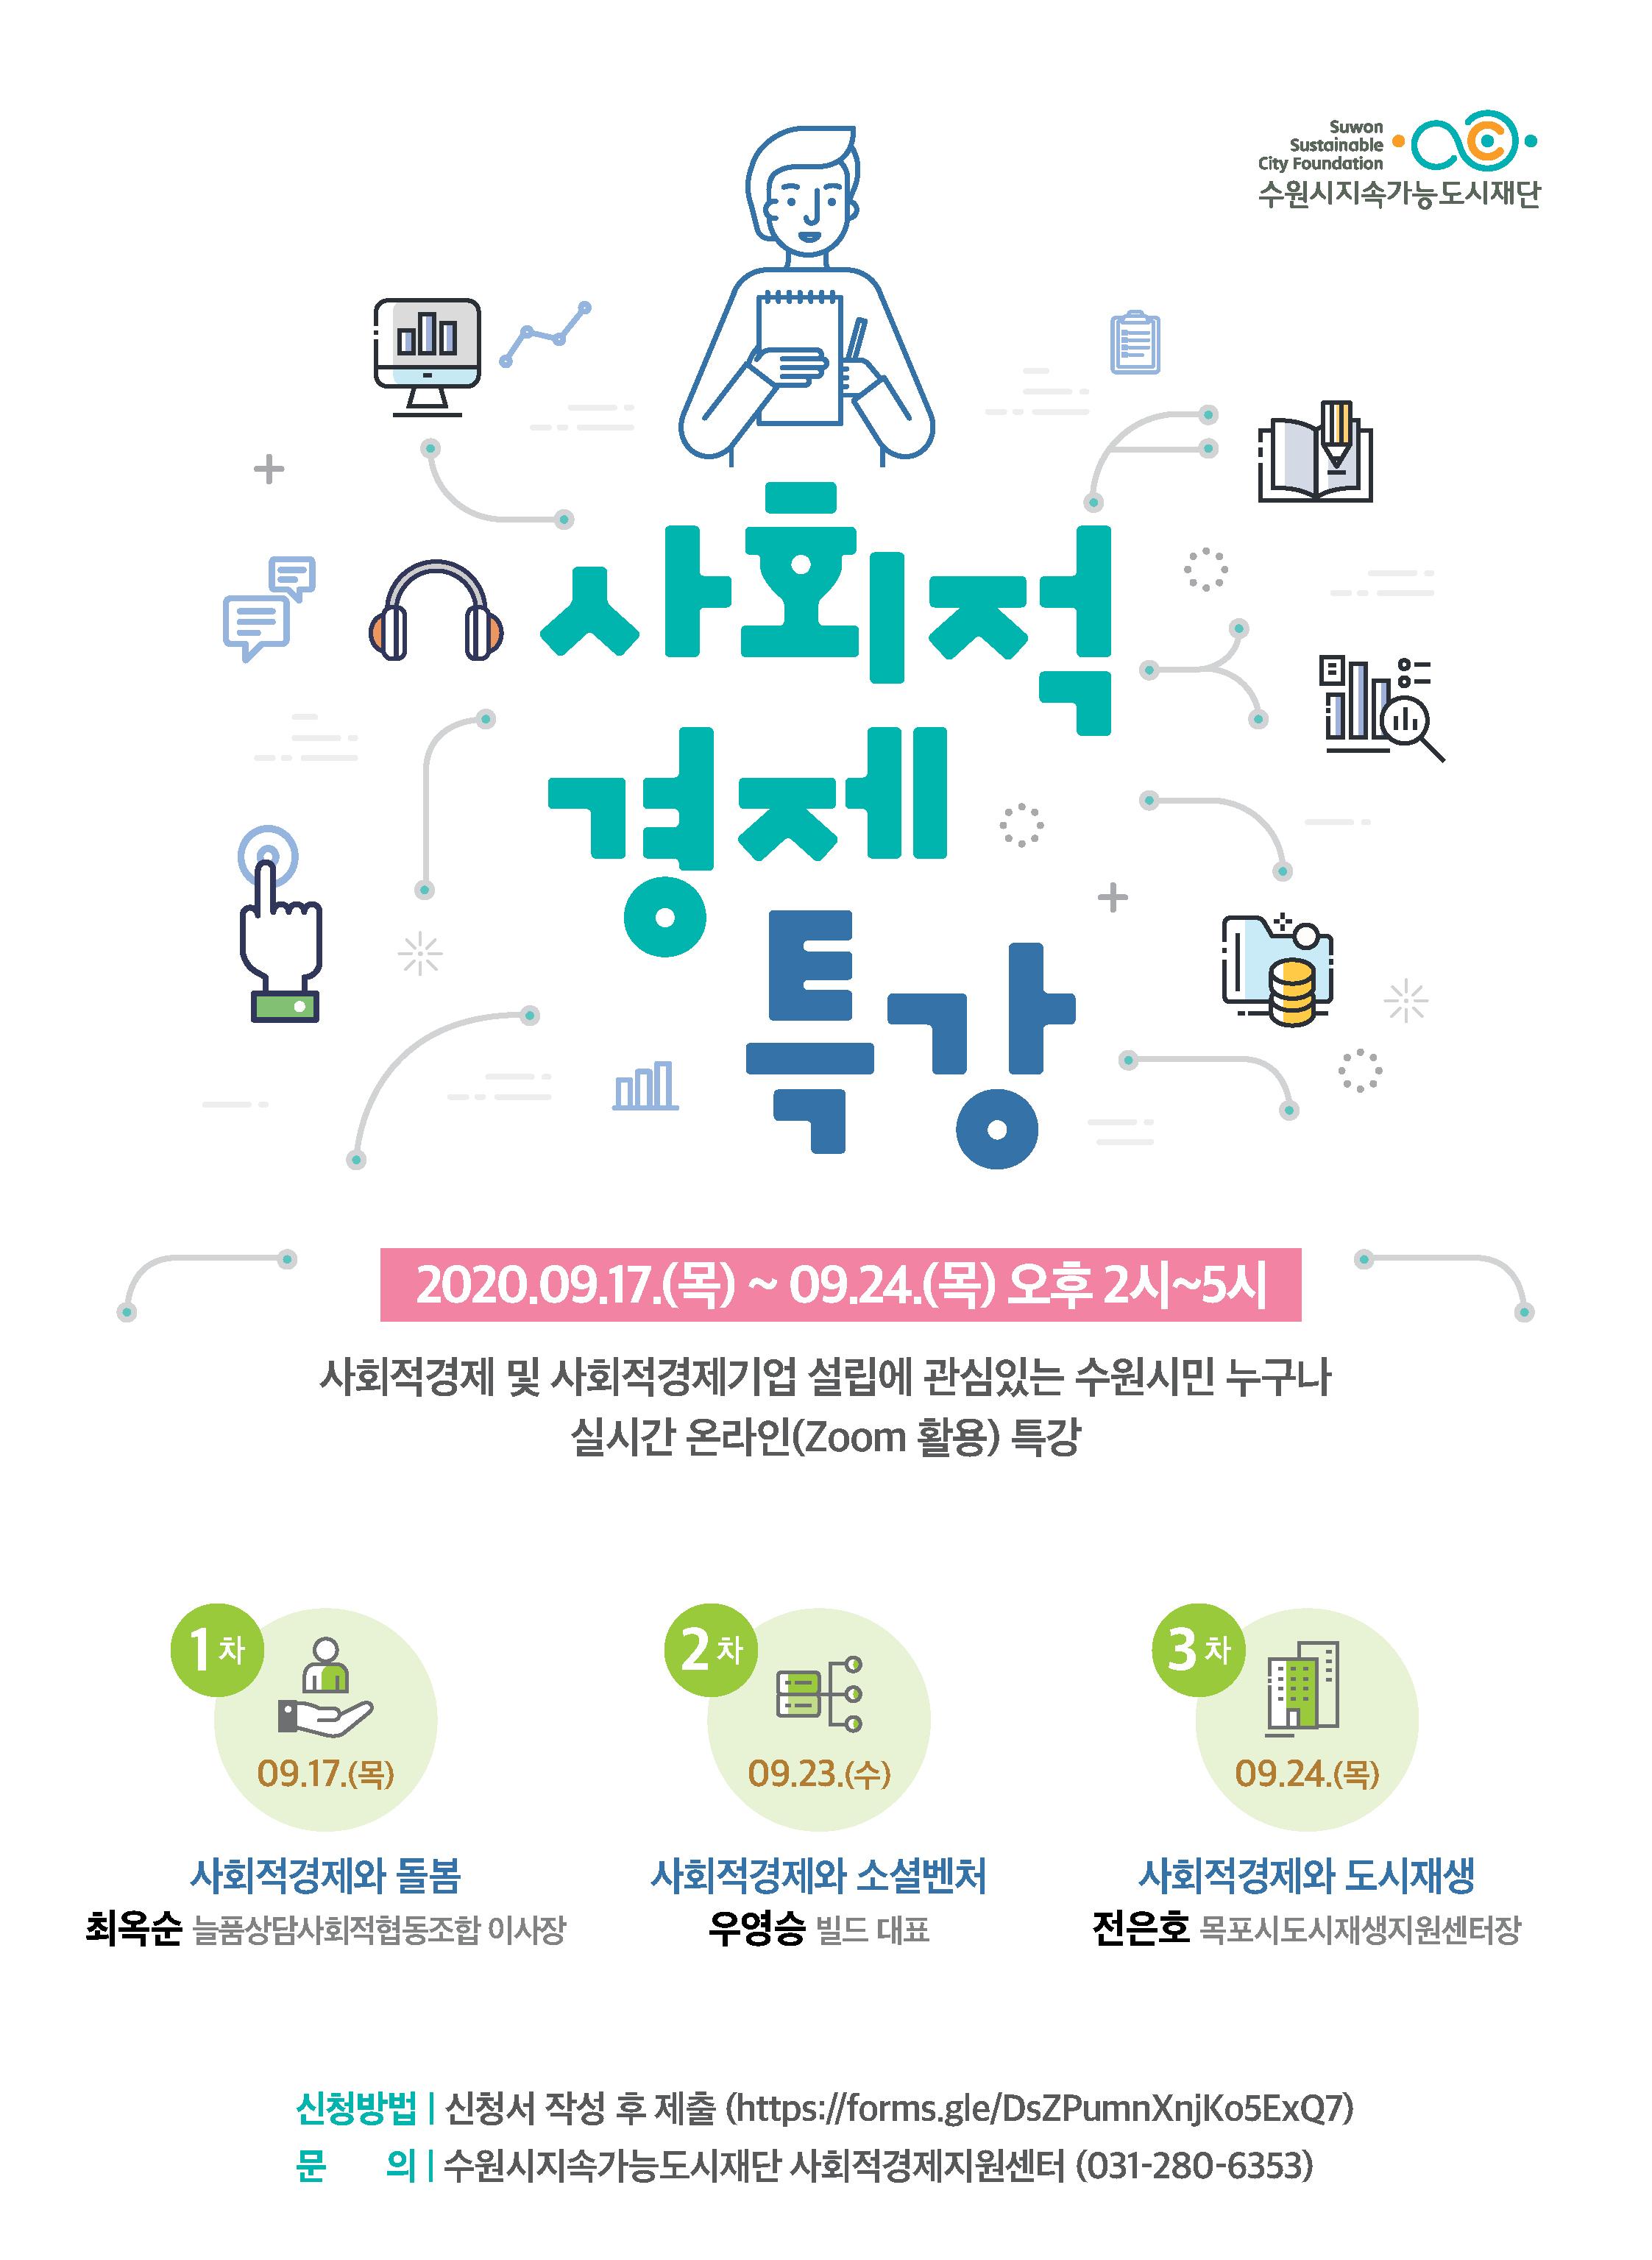 『사회적경제 특강』 홍보웹자보